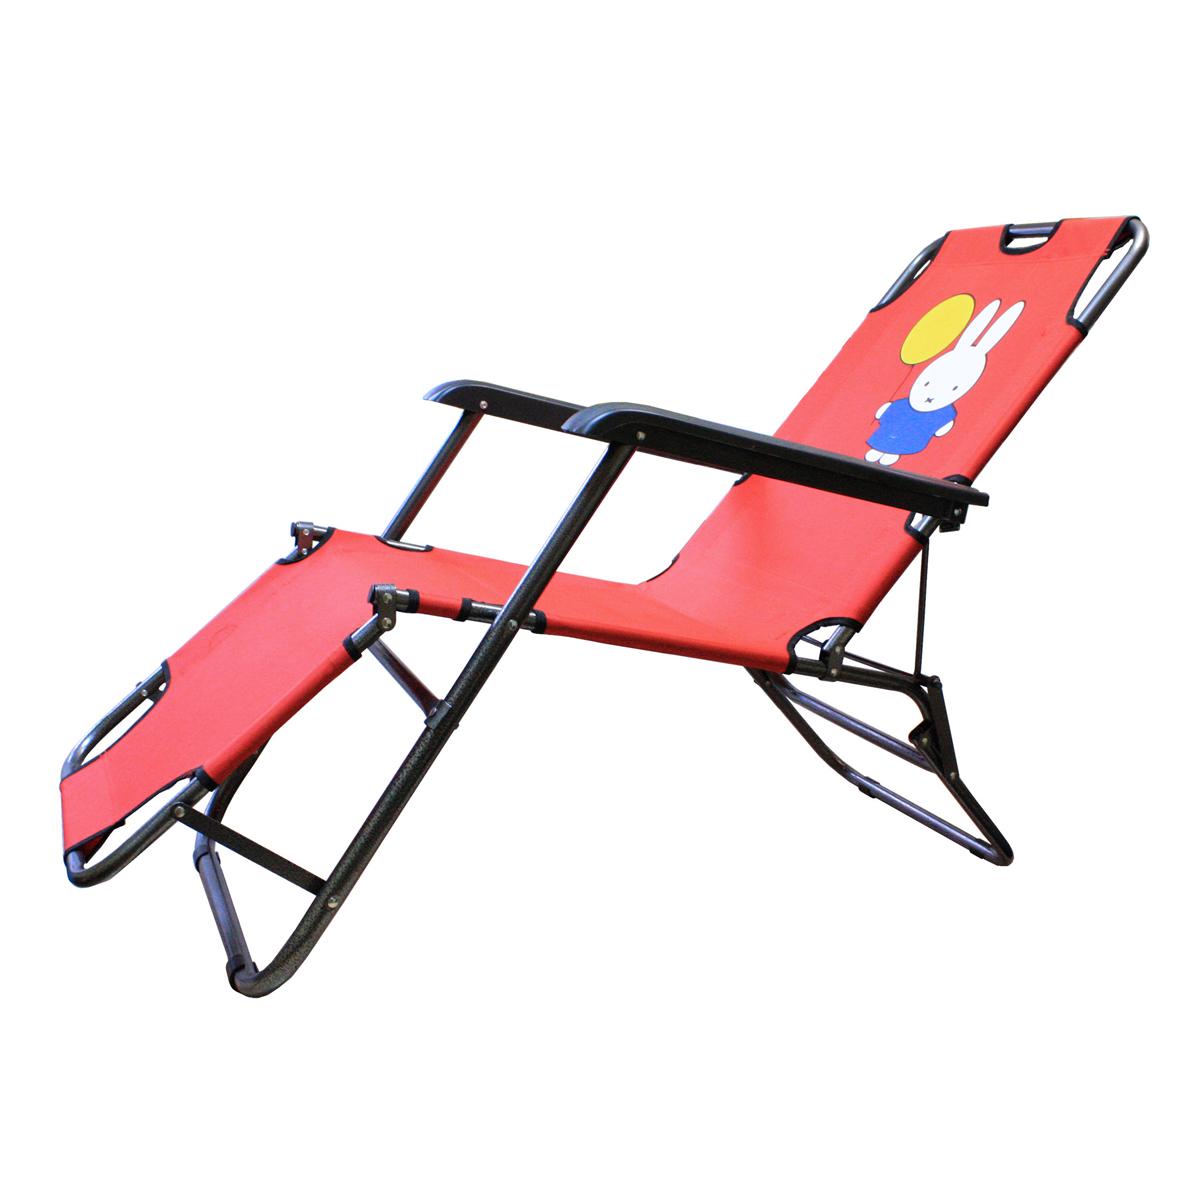 Happy Camper Шезлонг детскийYTET-006Детский шезлонг Happy Camper может использоваться как в качестве мебели для кемпинга, так и в качестве пляжного аксессуара. Он позволит малышу с комфортом отдохнуть на природе. Чехол из полиэстера легко чиститься, так что можно не беспокоиться о случайных загрязнениях, которые неизбежны при загородном отдыхе.Шезлонг оформлен принтом с изображением забавного зайчика с воздушным шариком. Такой шезлонг легко хранить и брать с собой в поездку, ведь в сложенном состоянии он занимает совсем мало места. Прочная металлическая конструкция выдерживает нагрузку до 60 кг.